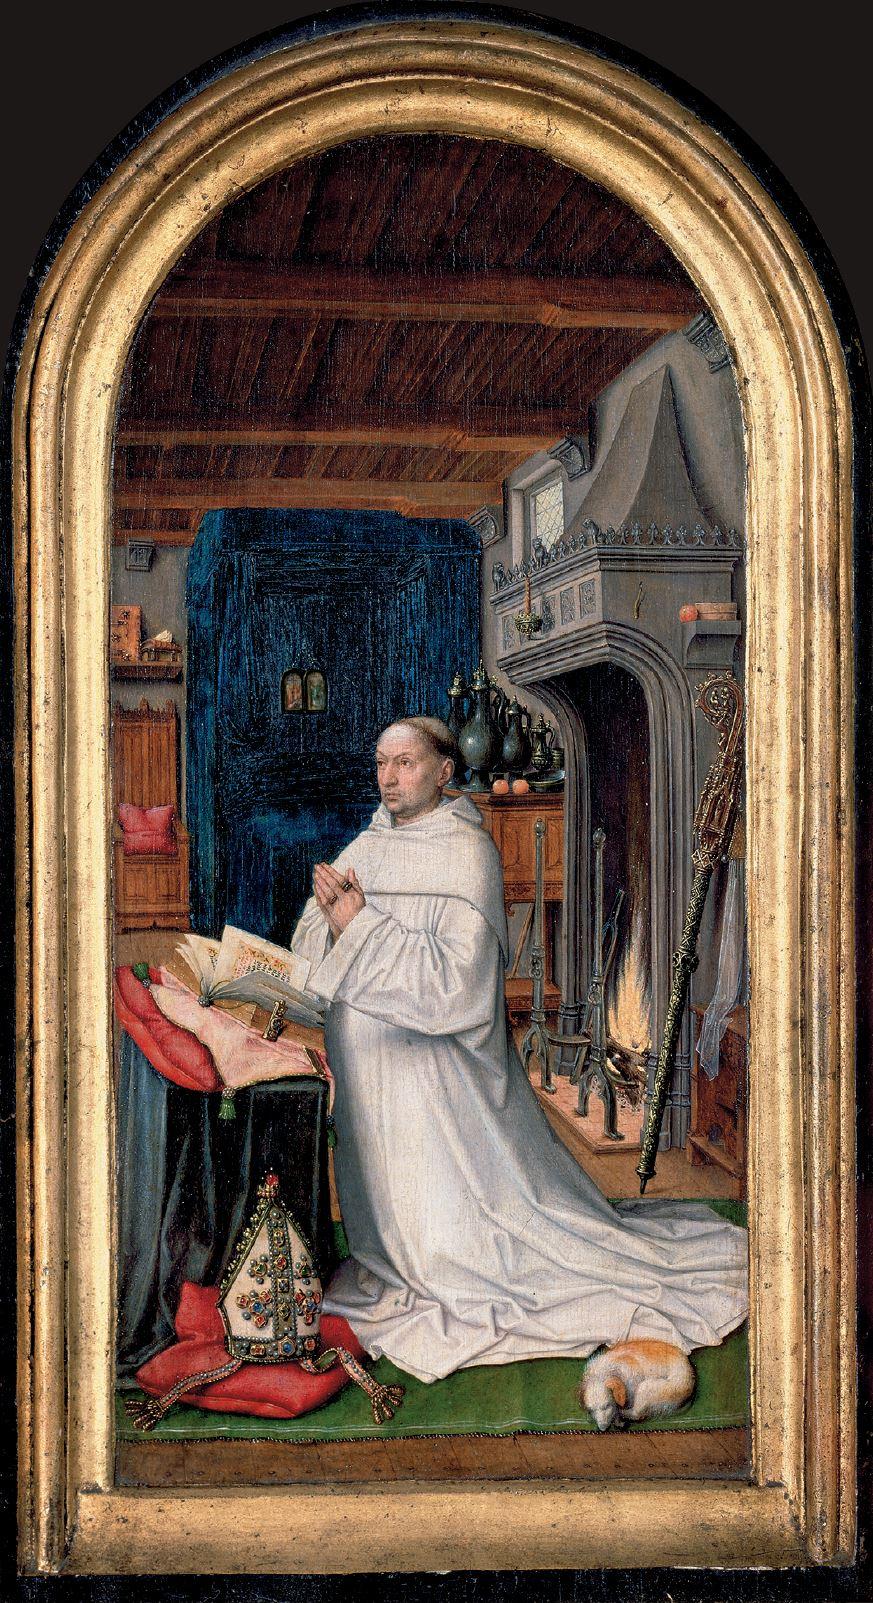 Diptych_Master_of_1499 Abbot Christiaan de Hondt, Koninklijk Museum voor Schone Kunsten, Antwerp right